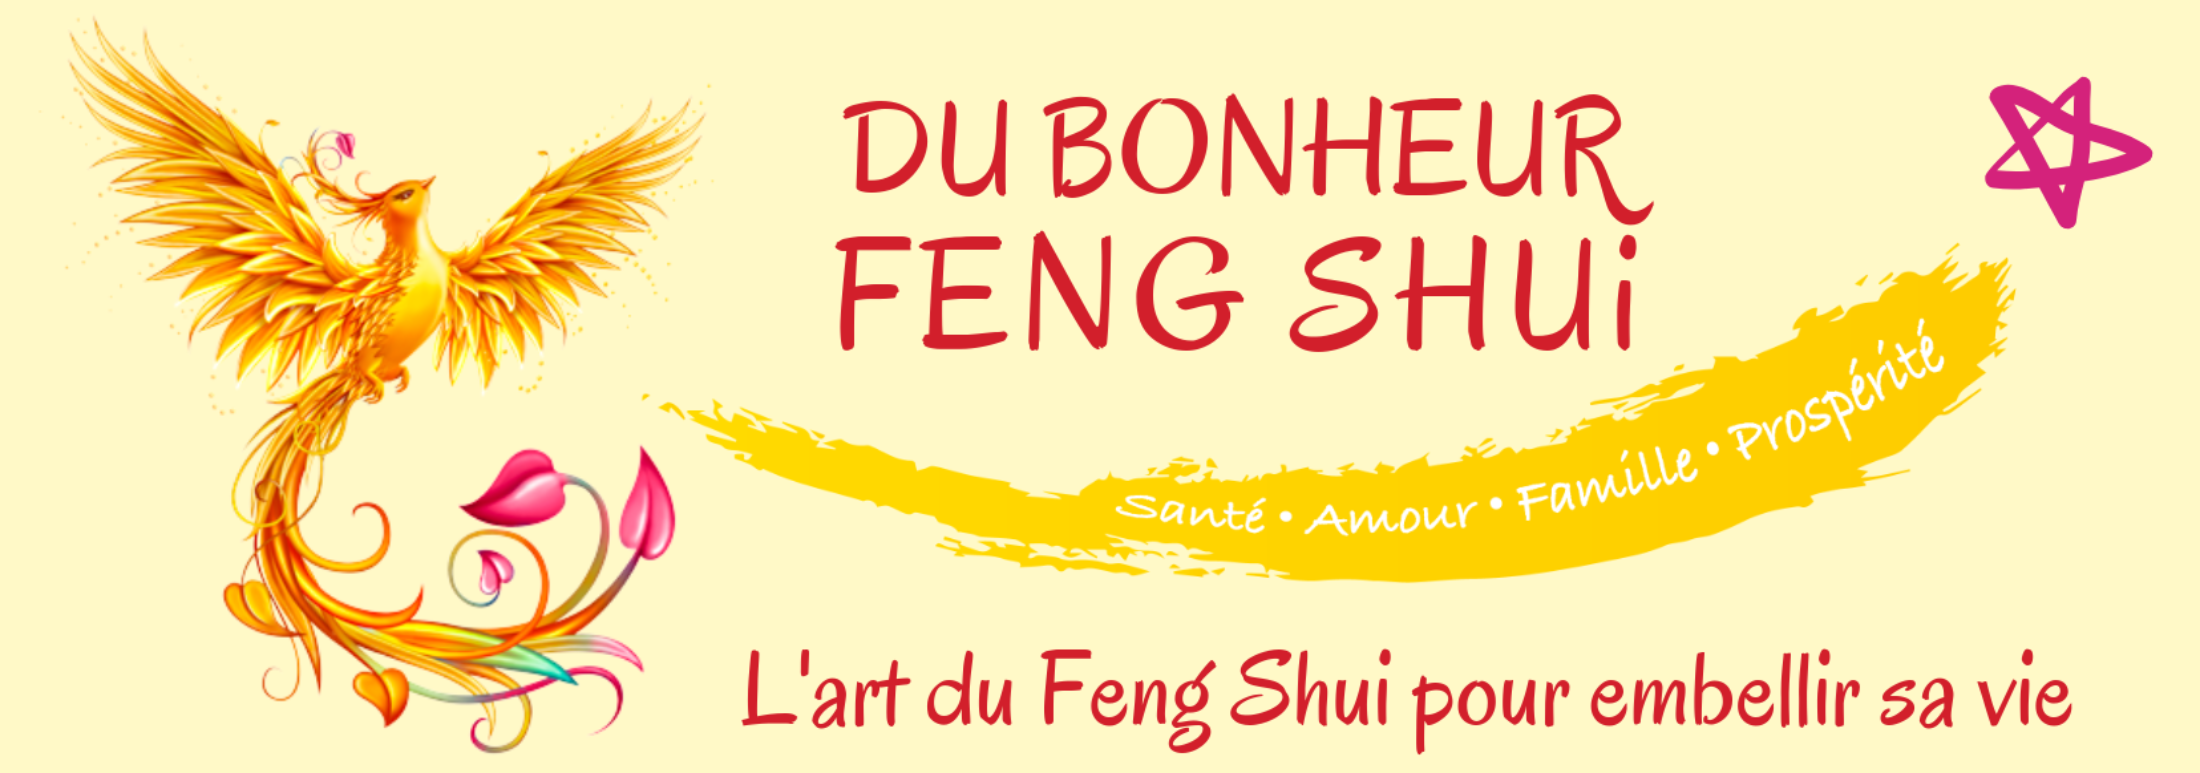 Du Bonheur Feng Shui – Santé Amour Famille Prospérité